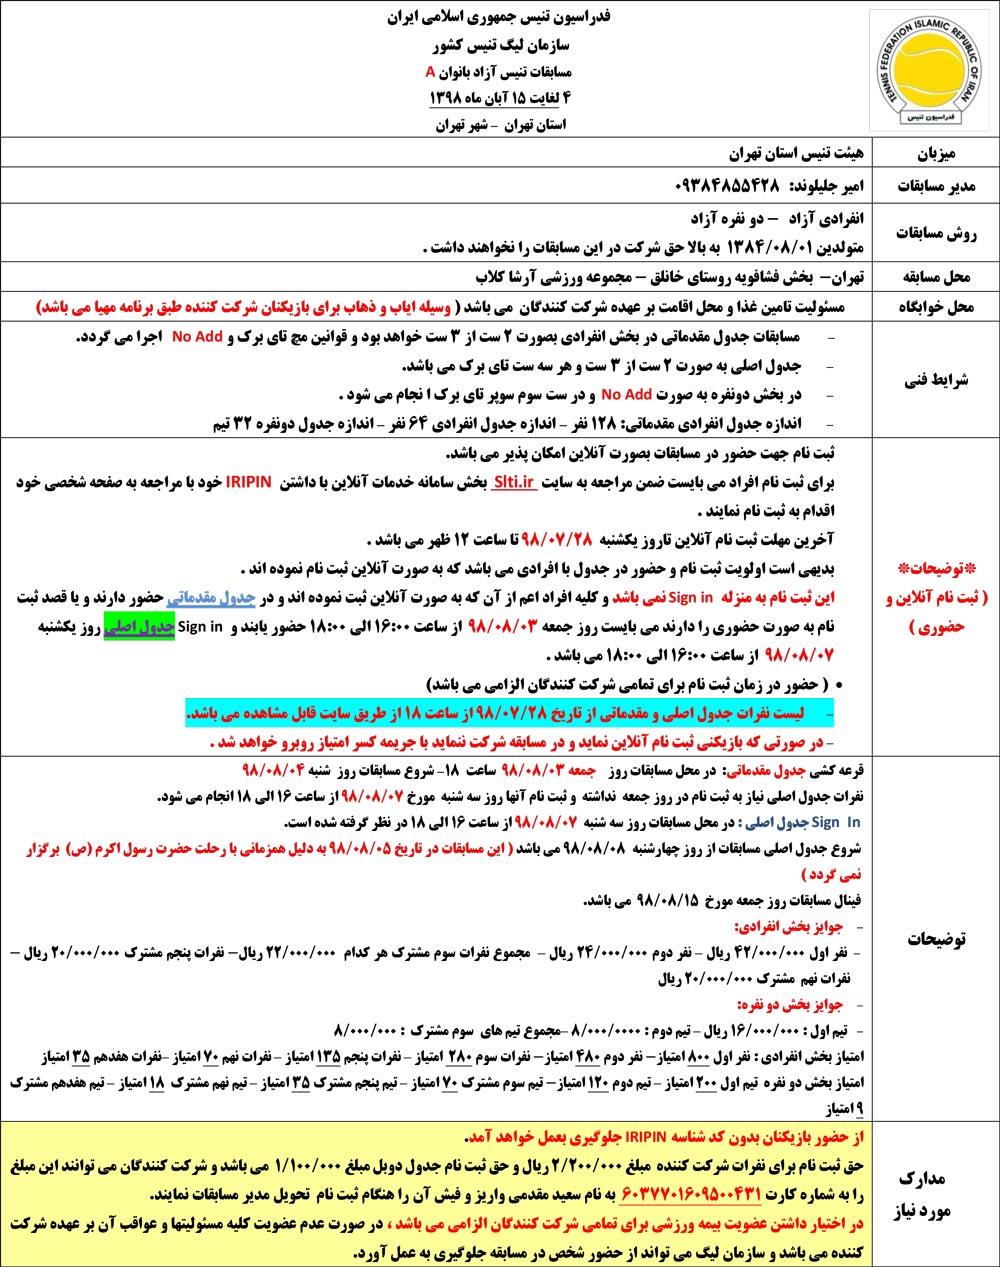 مسابقات تنیس جایزه بزرگ بانوان تهران